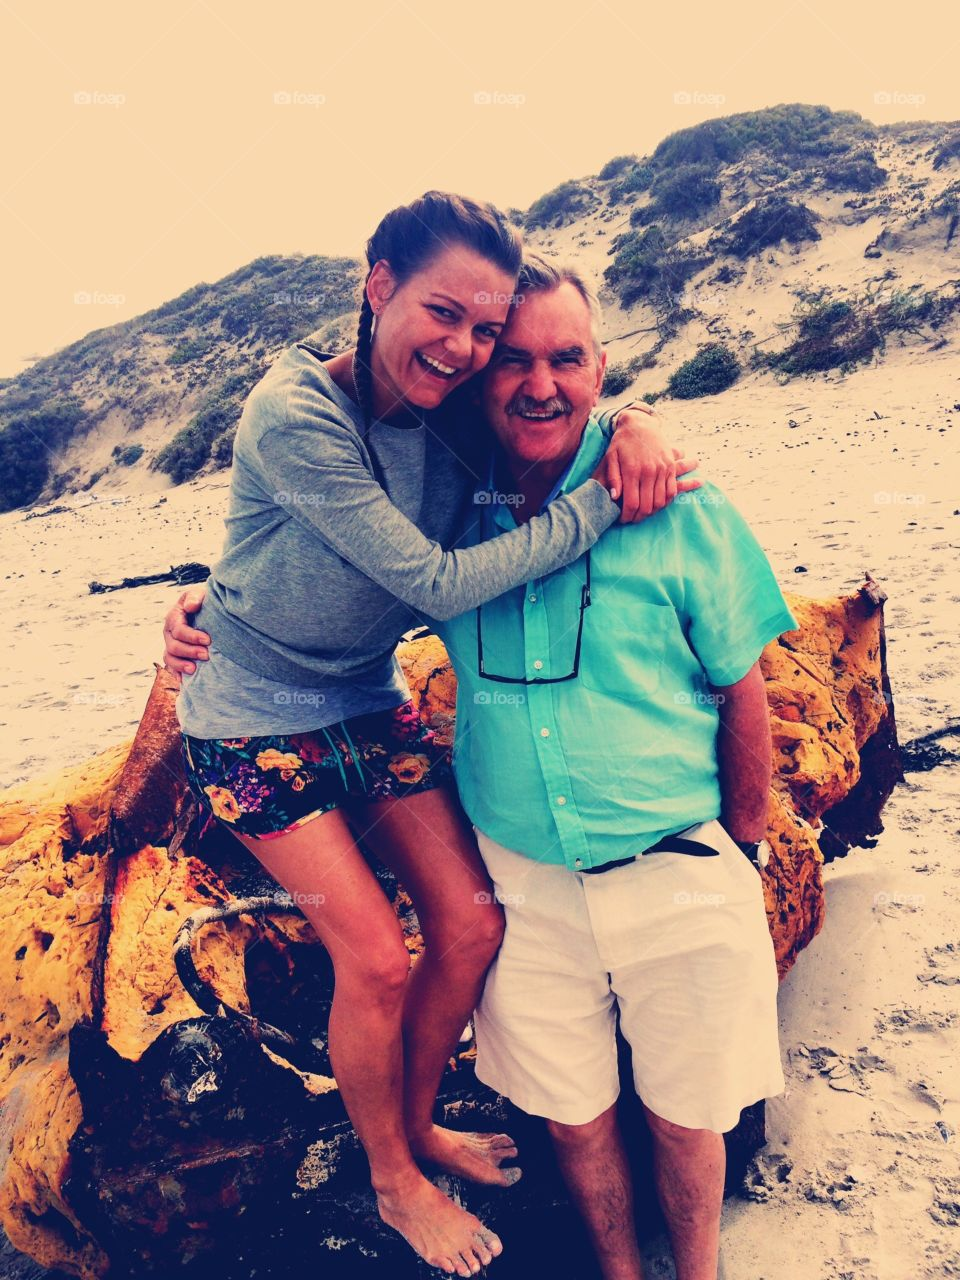 dad-love